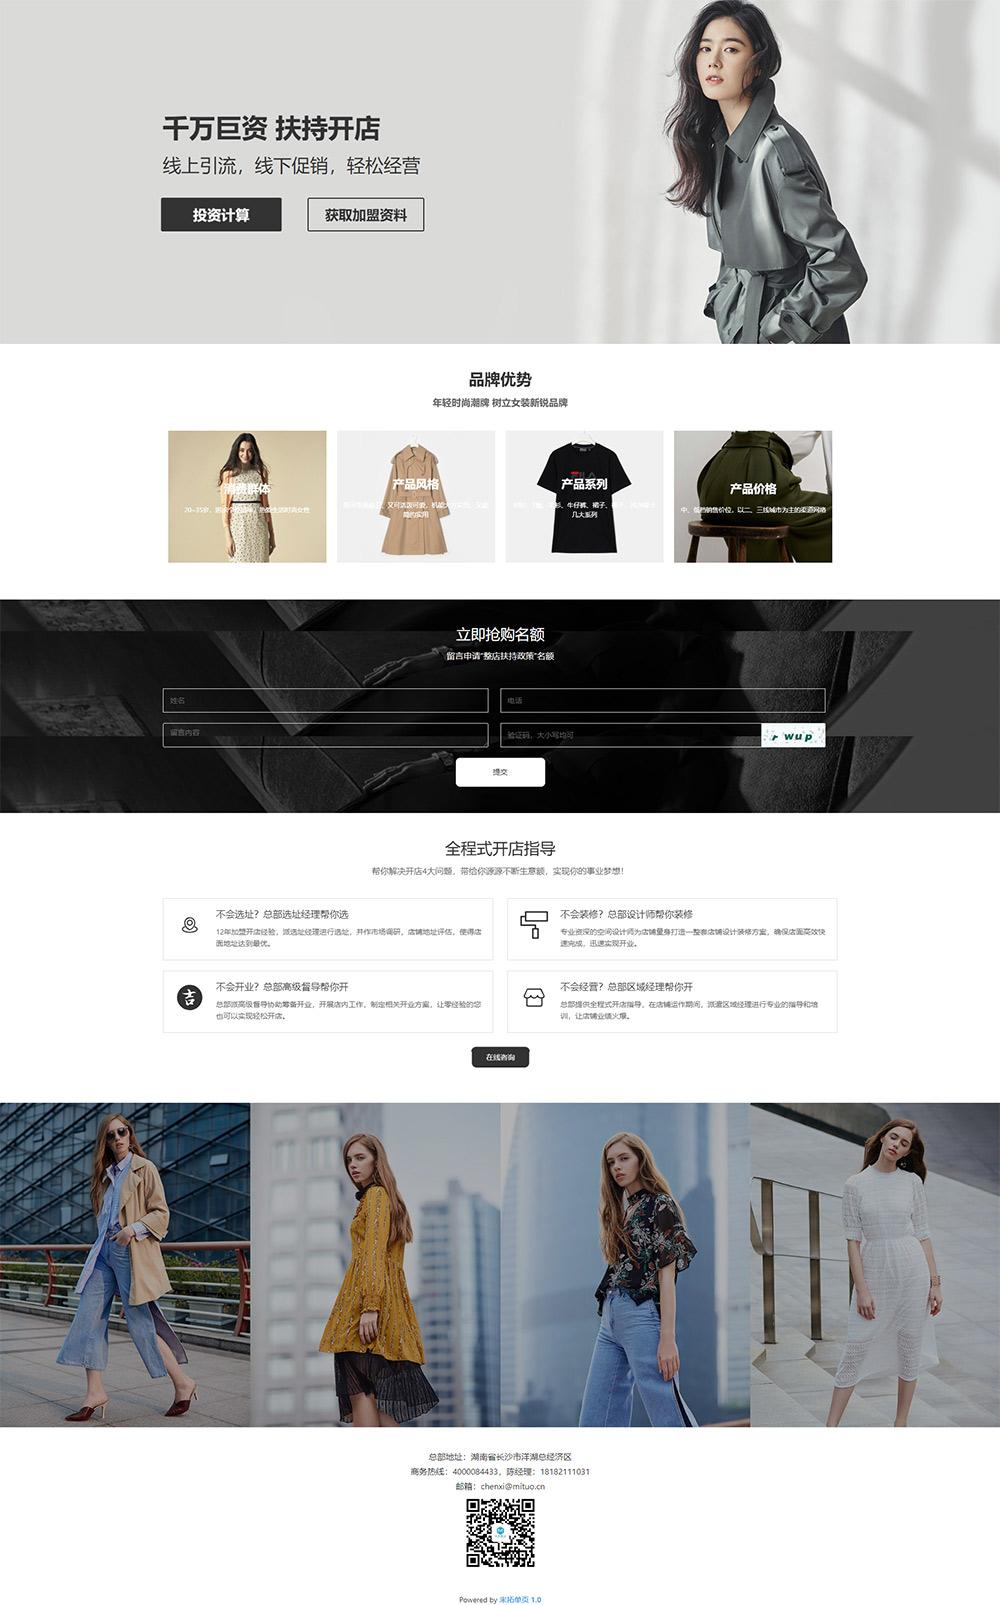 服装加盟落地页模板|广告页模板|宣传页模板|推广页|专题页设计制作